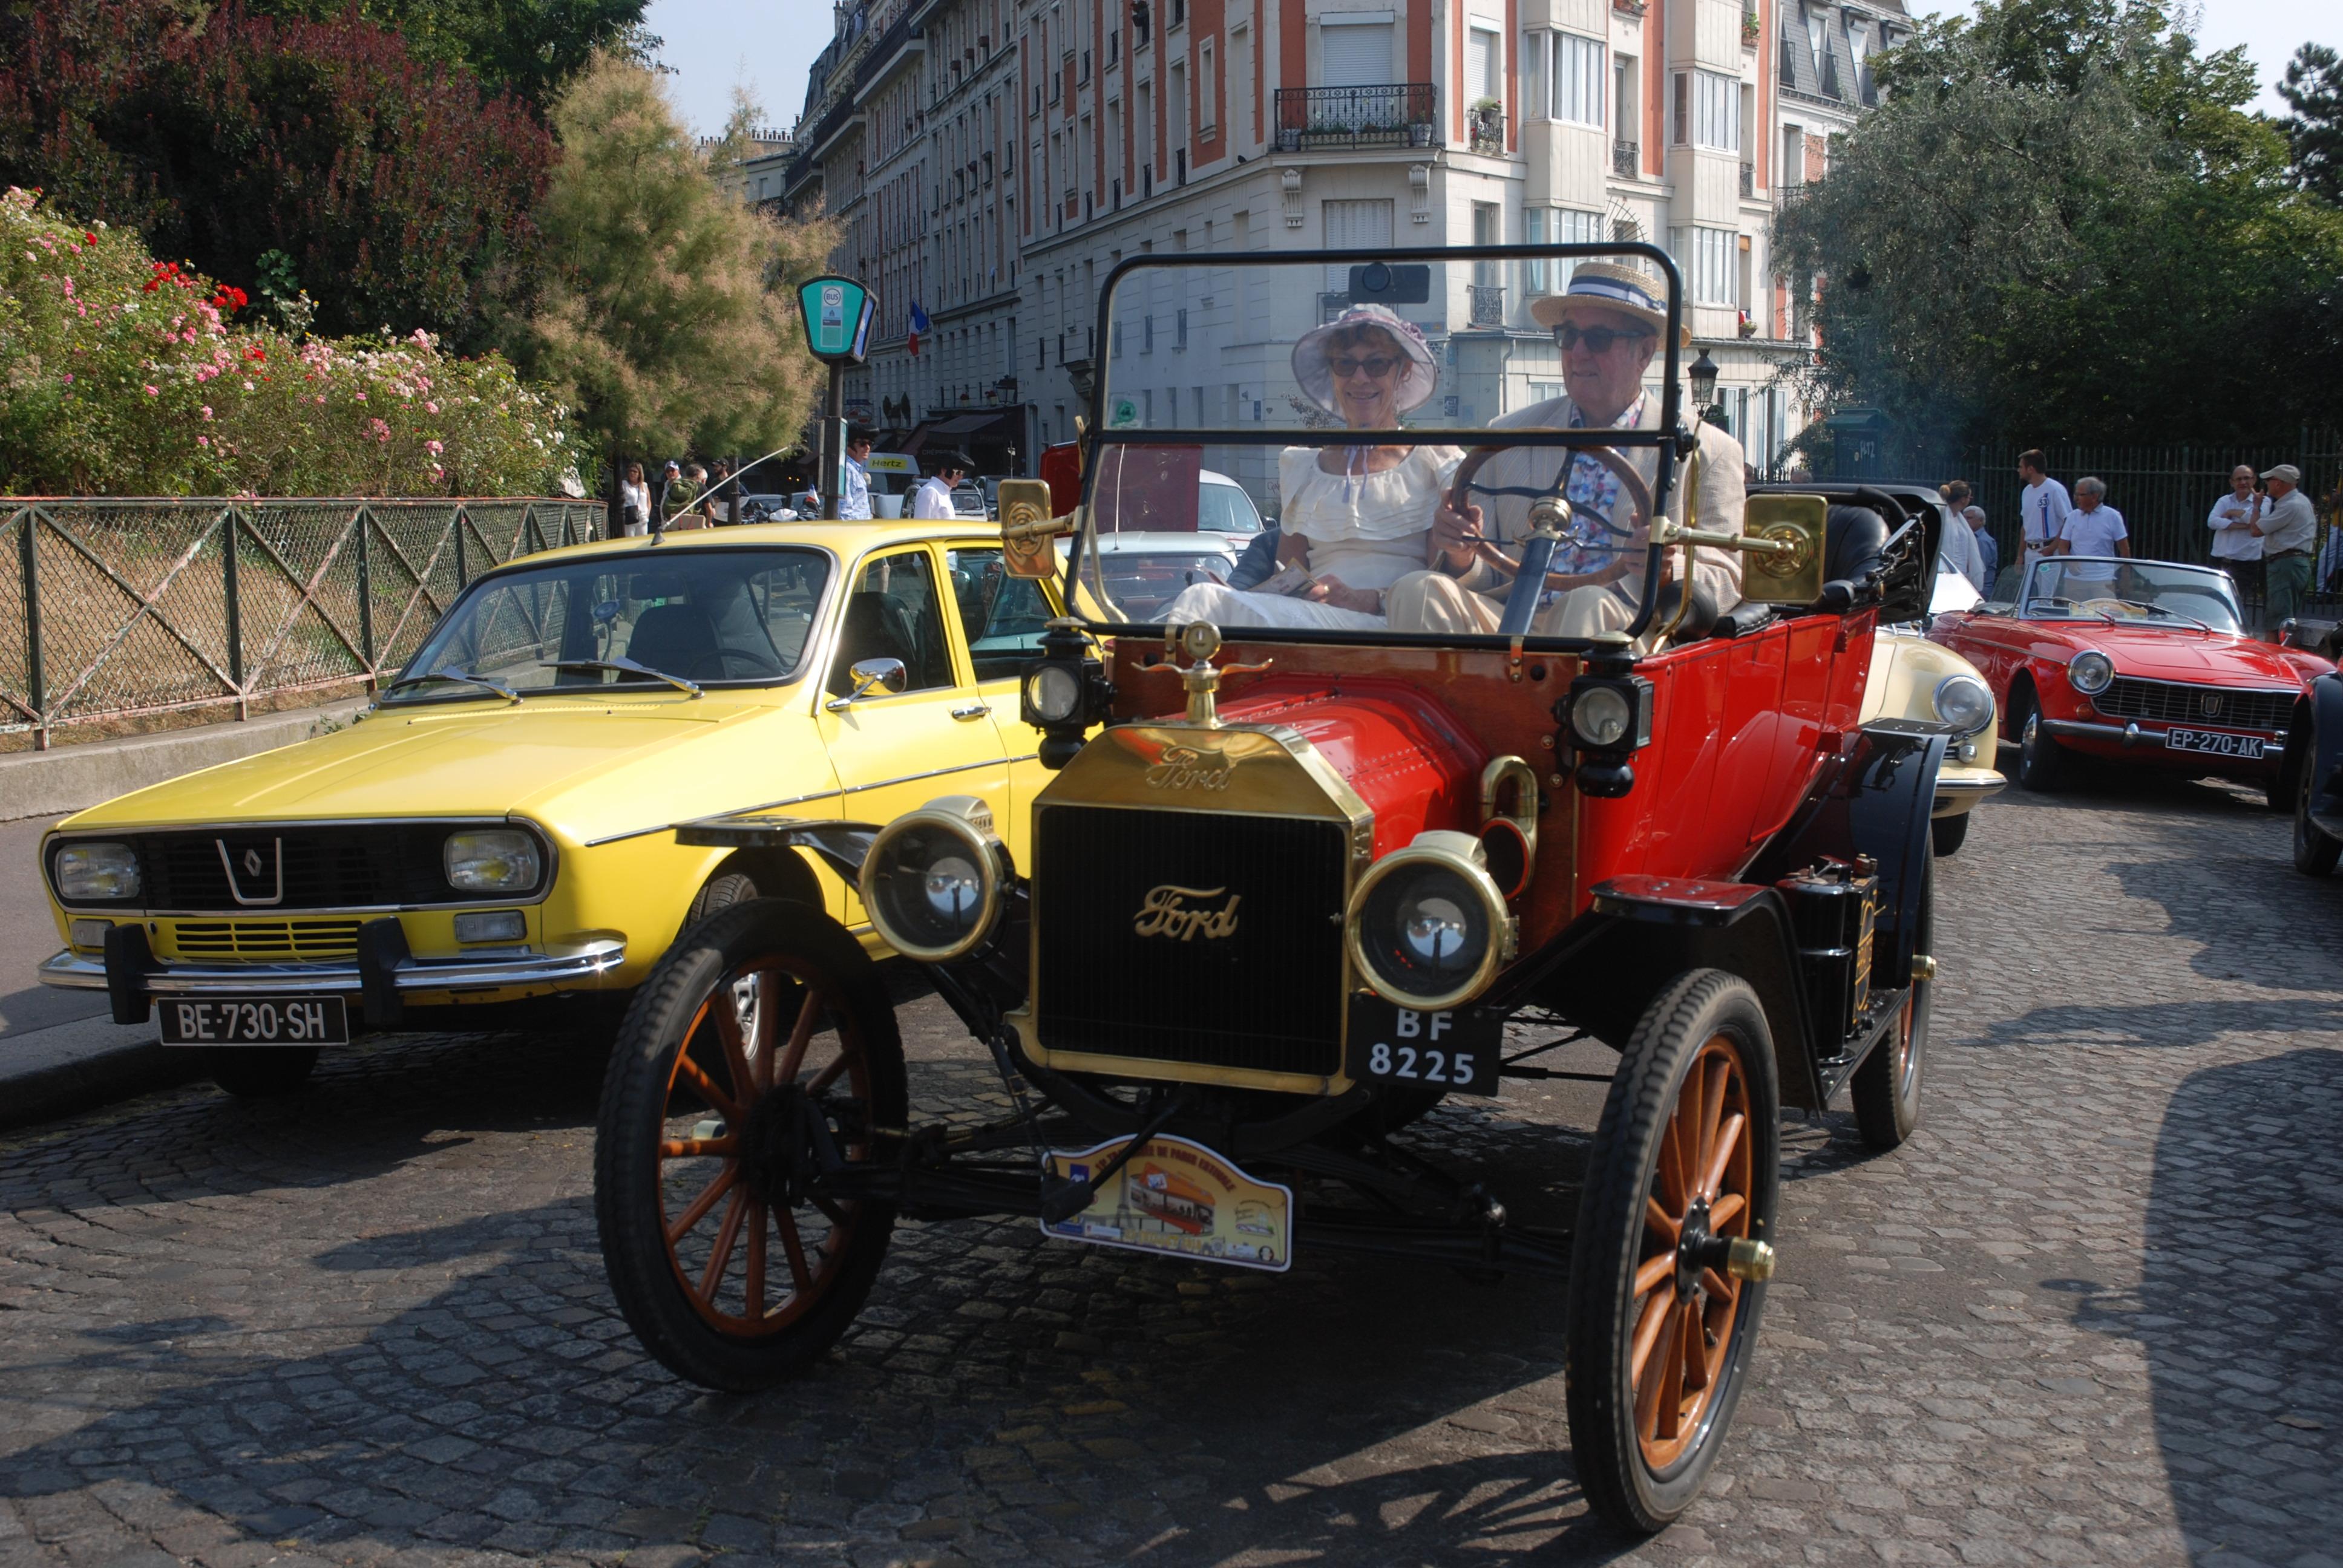 Les voitures anciennes défilent - www.vincennesenanciennes.com